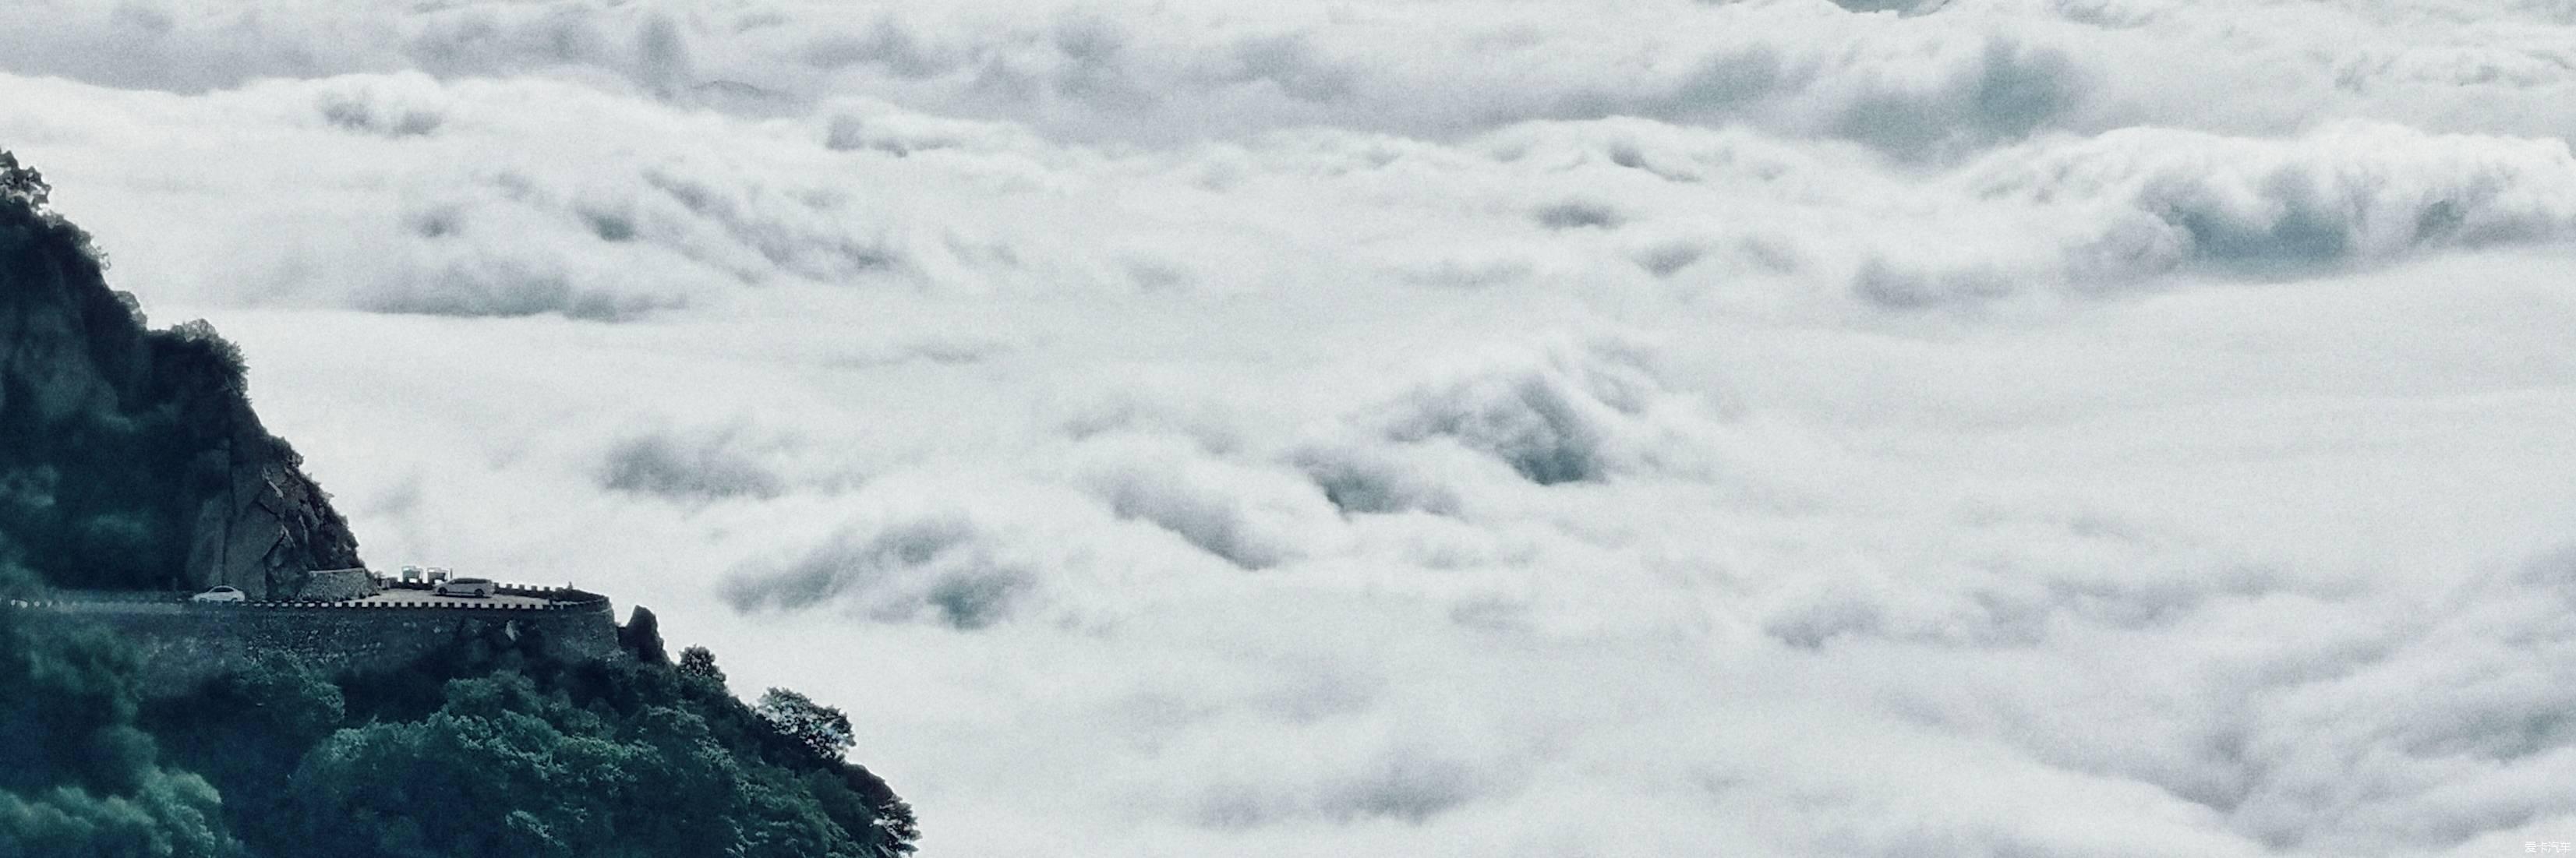 【不出北京】看巨牛逼的云海